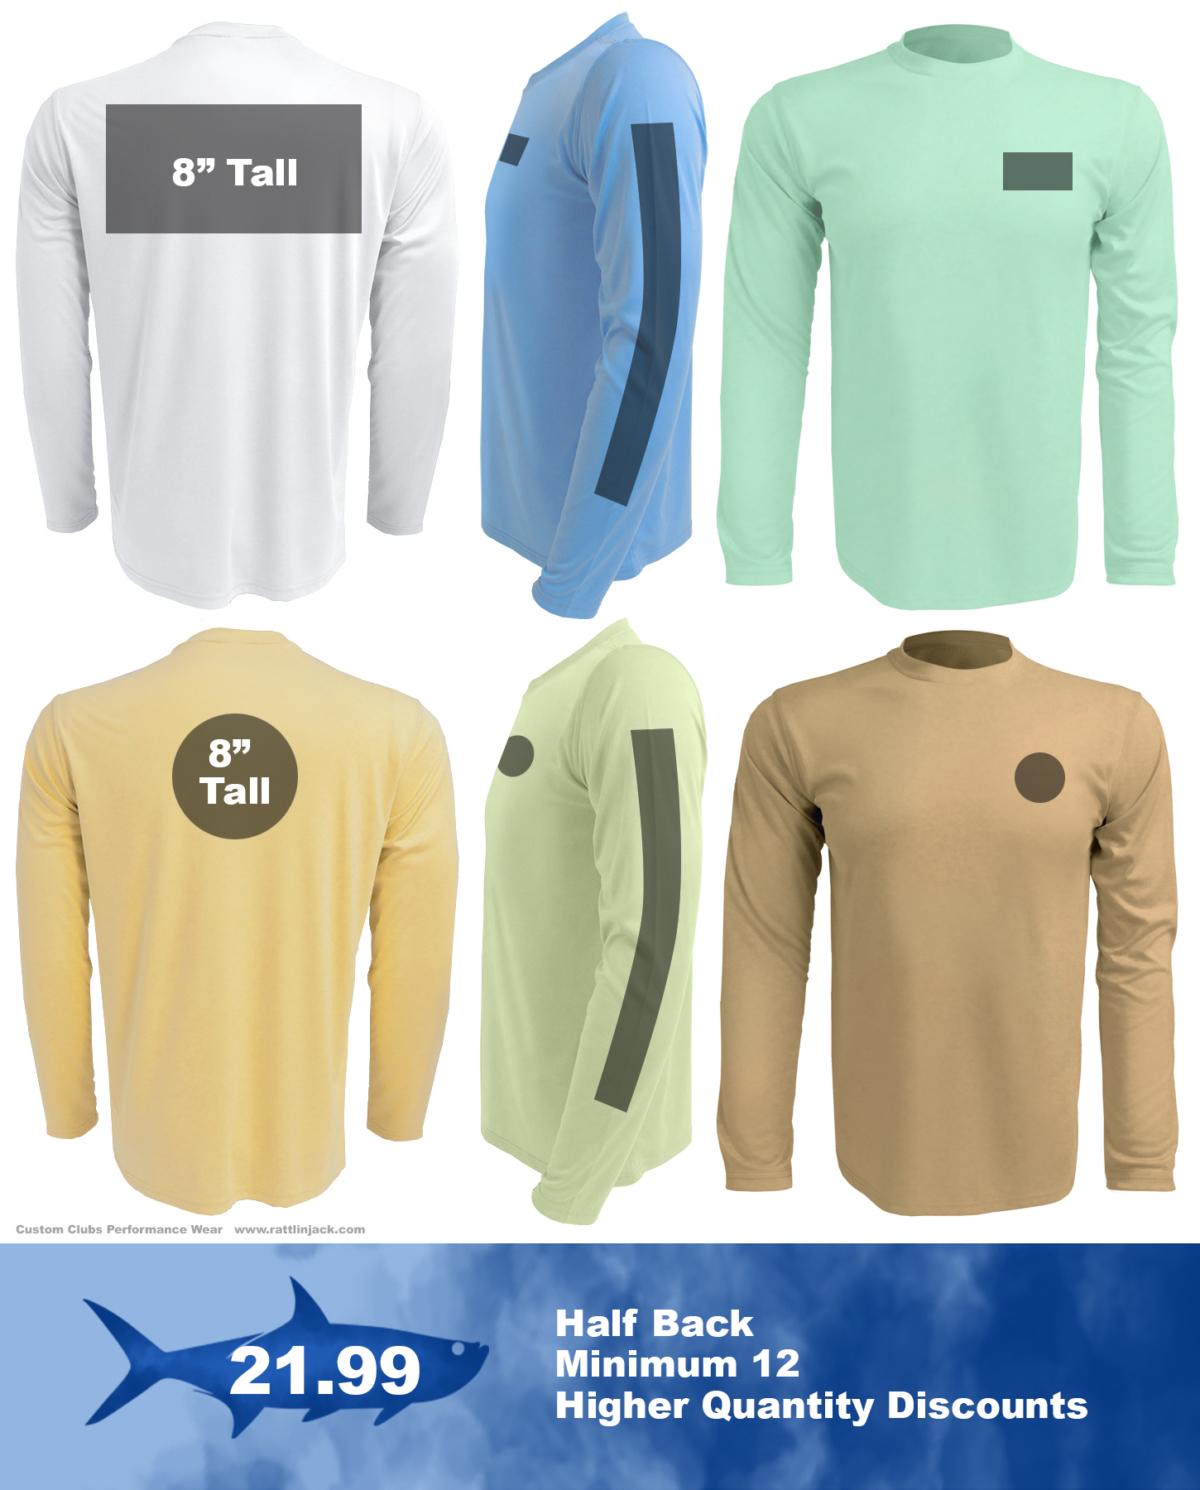 Full-back-custom-upf-fishing-shirts from Rattlin Jack